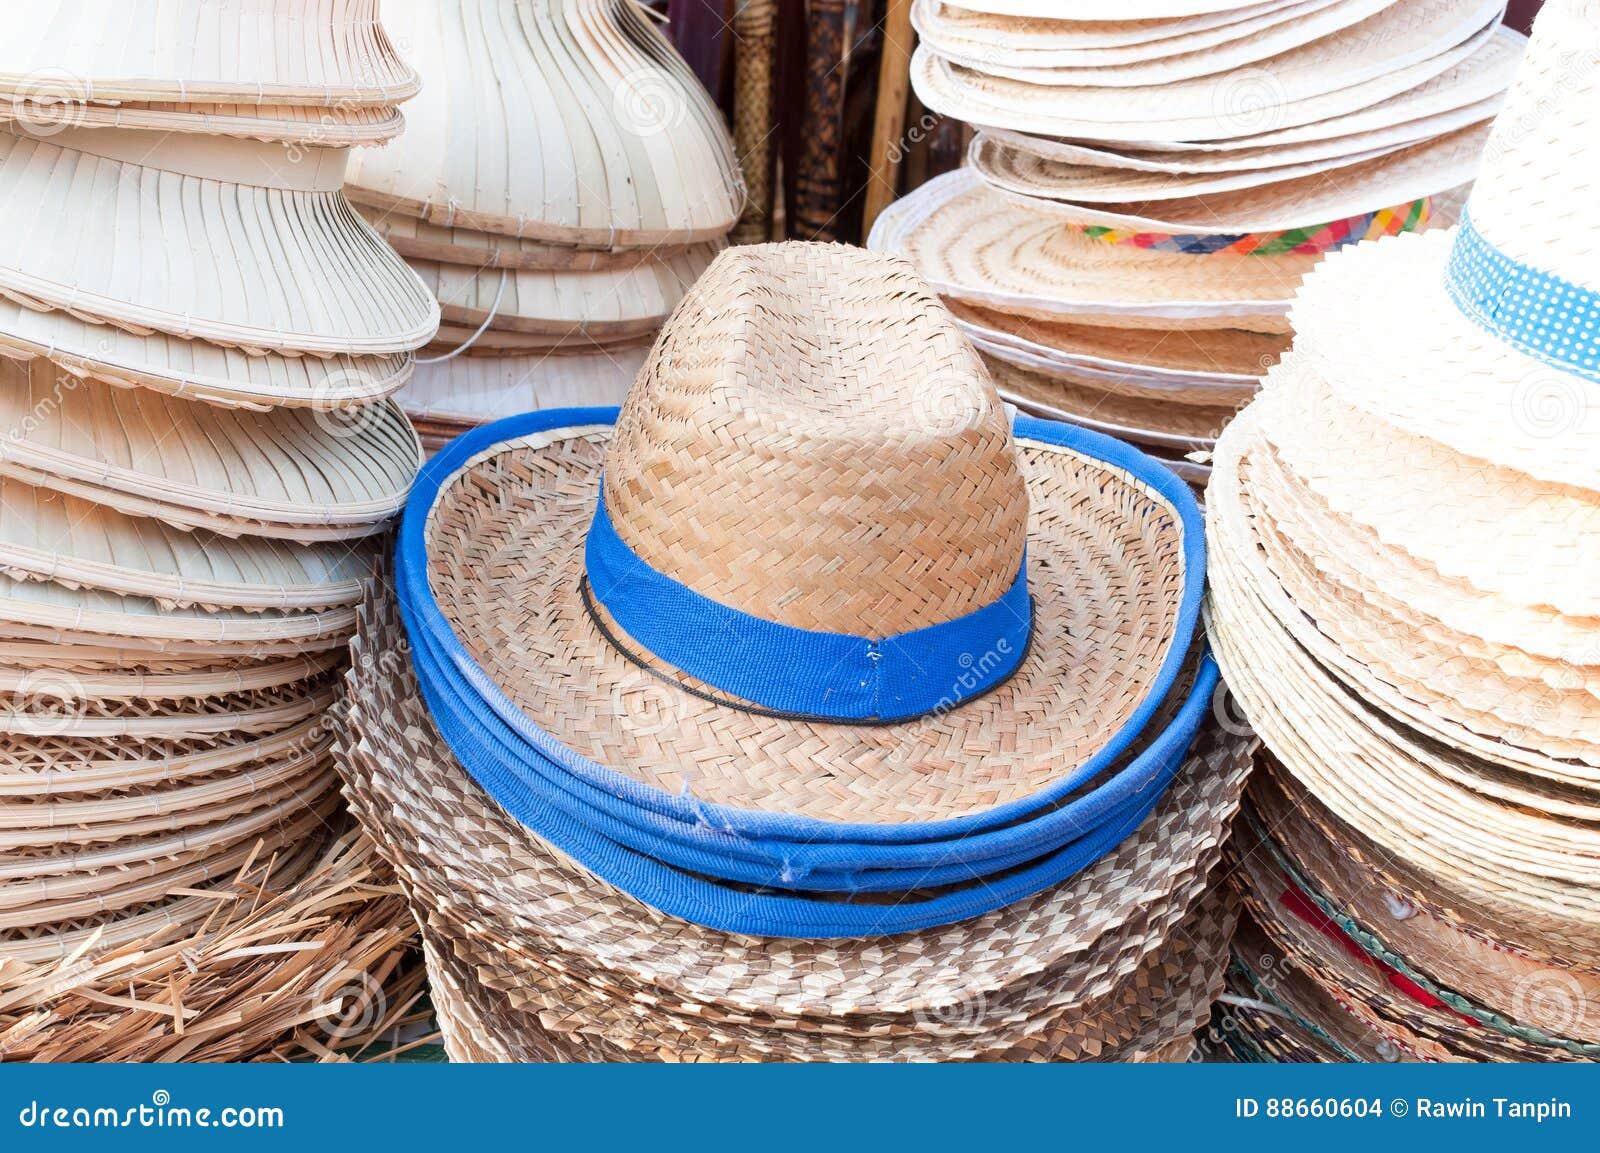 Los sombreros hechos a mano tejidos del arreglo de bambú de los sombreros  en mercado dan la tienda de arte 966ceb9d1e0